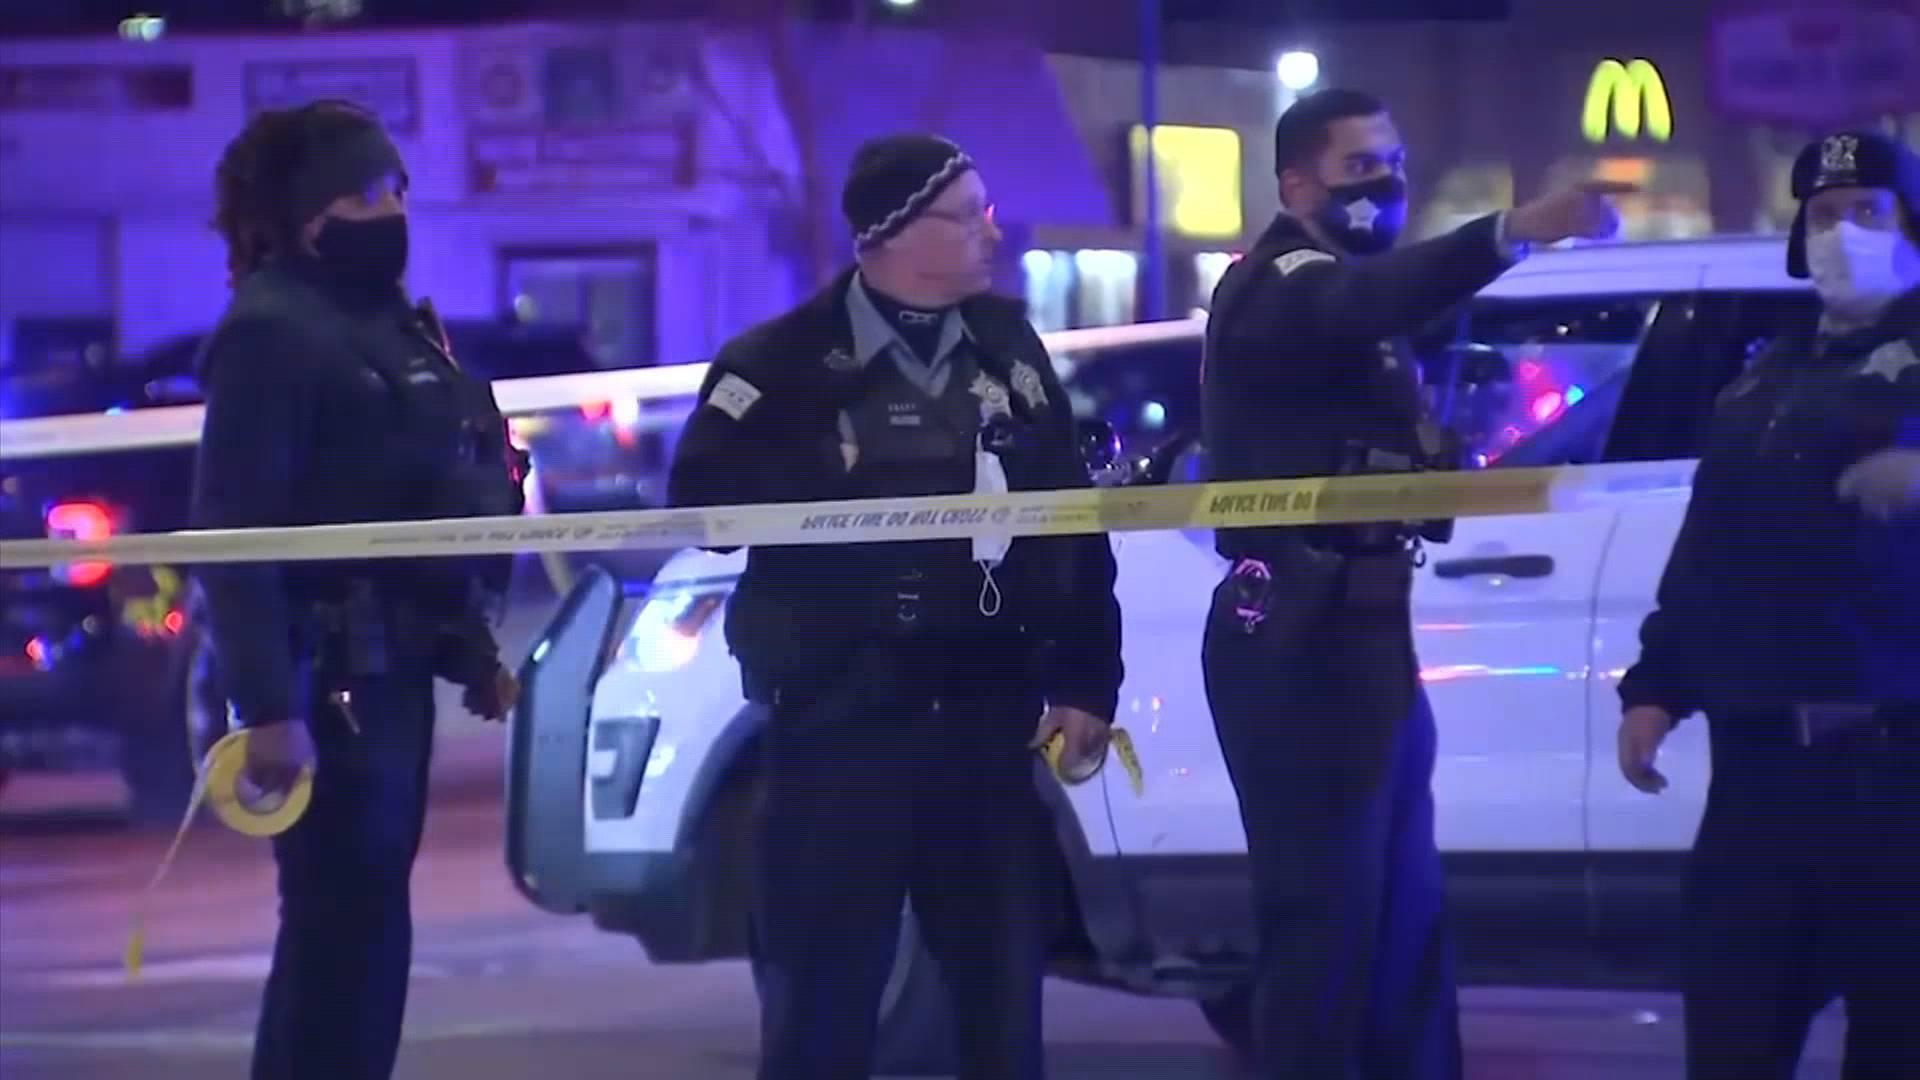 50秒丨芝加哥系列枪击案持续4小时 致3死4重伤